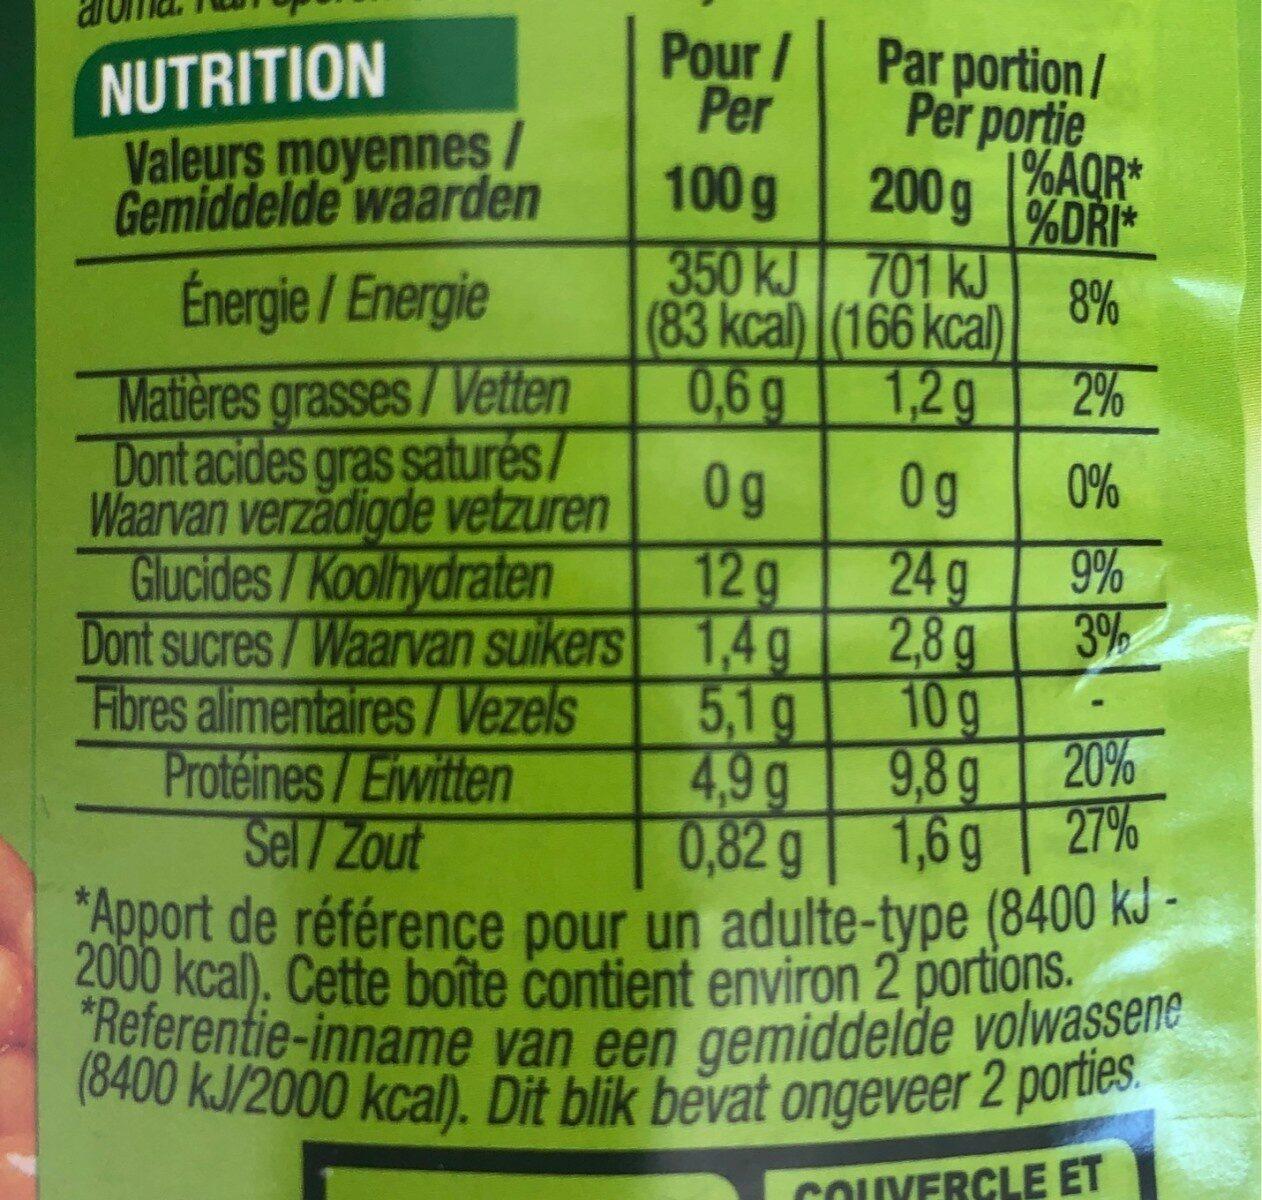 Haricots blancs à la tomate - Nutrition facts - fr